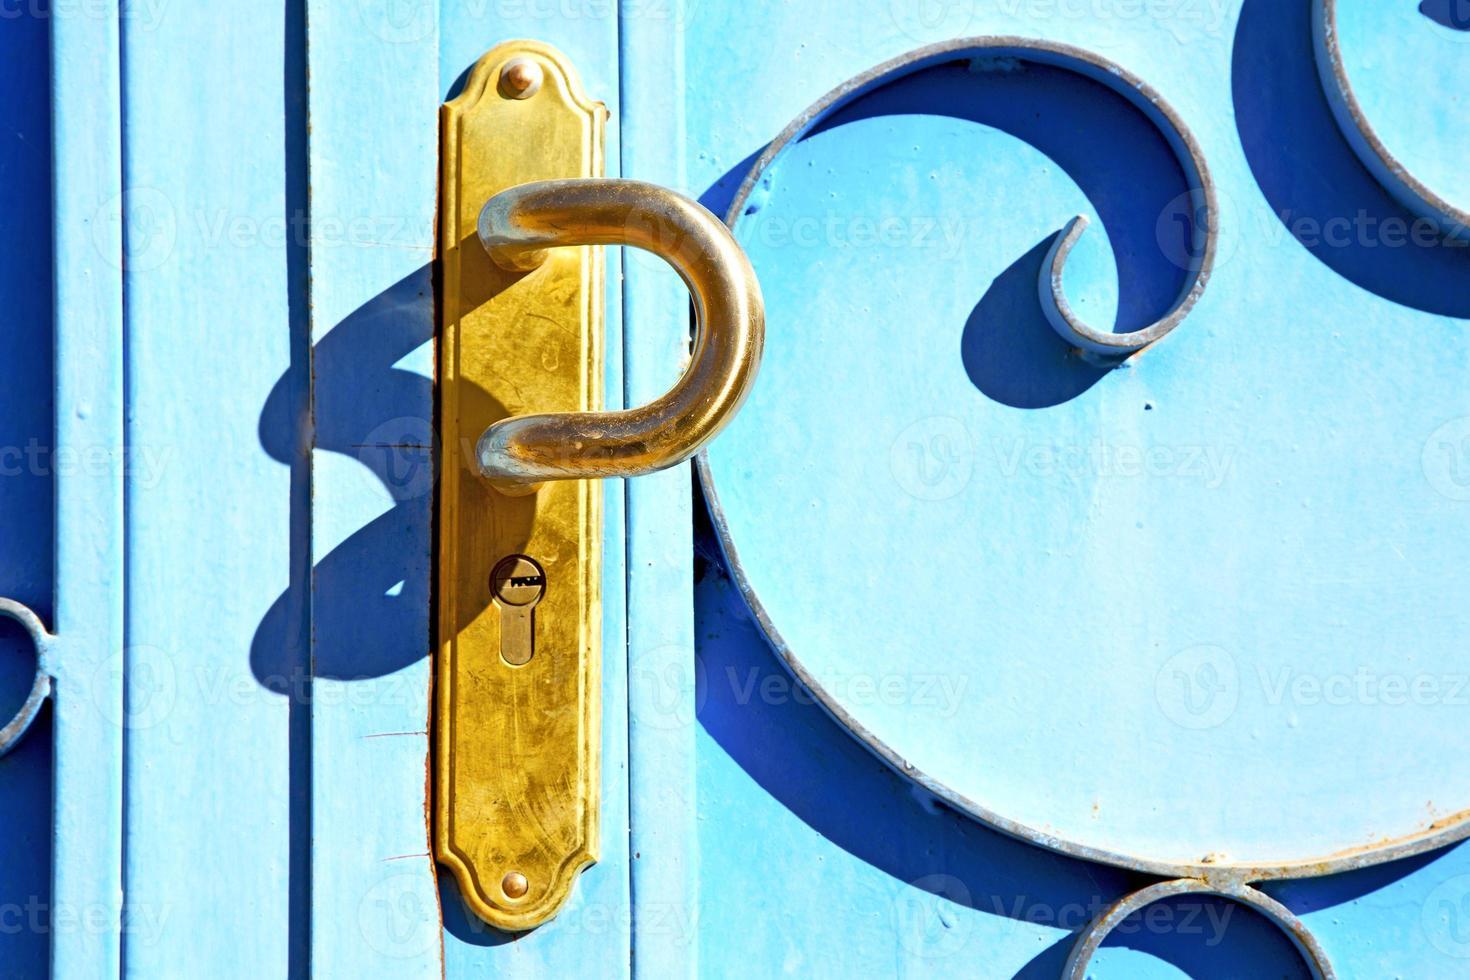 marocco marrone arrugginito del metallo blu nella casa della facciata di legno e foto